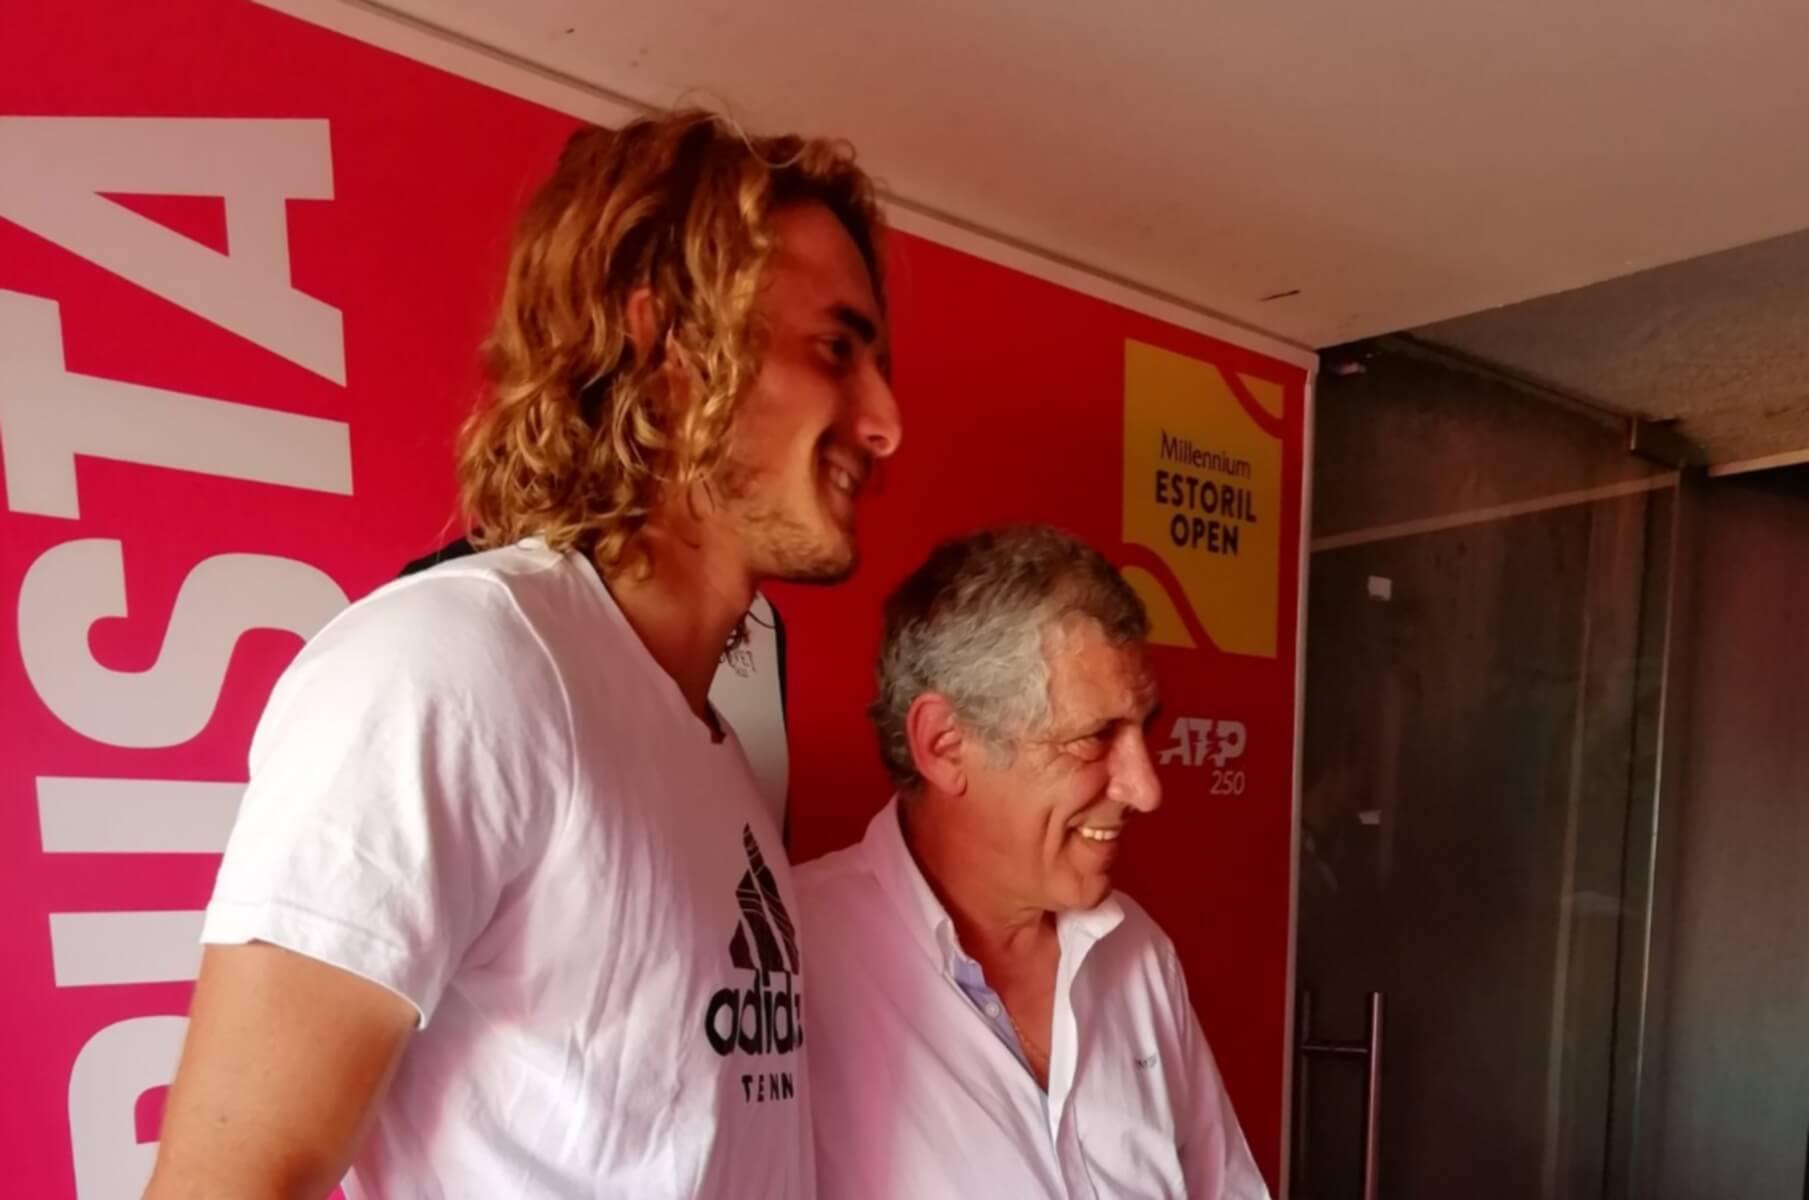 Τσιτσιπάς: Ο Φερνάντο Σάντος συνάντησε τον Στέφανο! pics